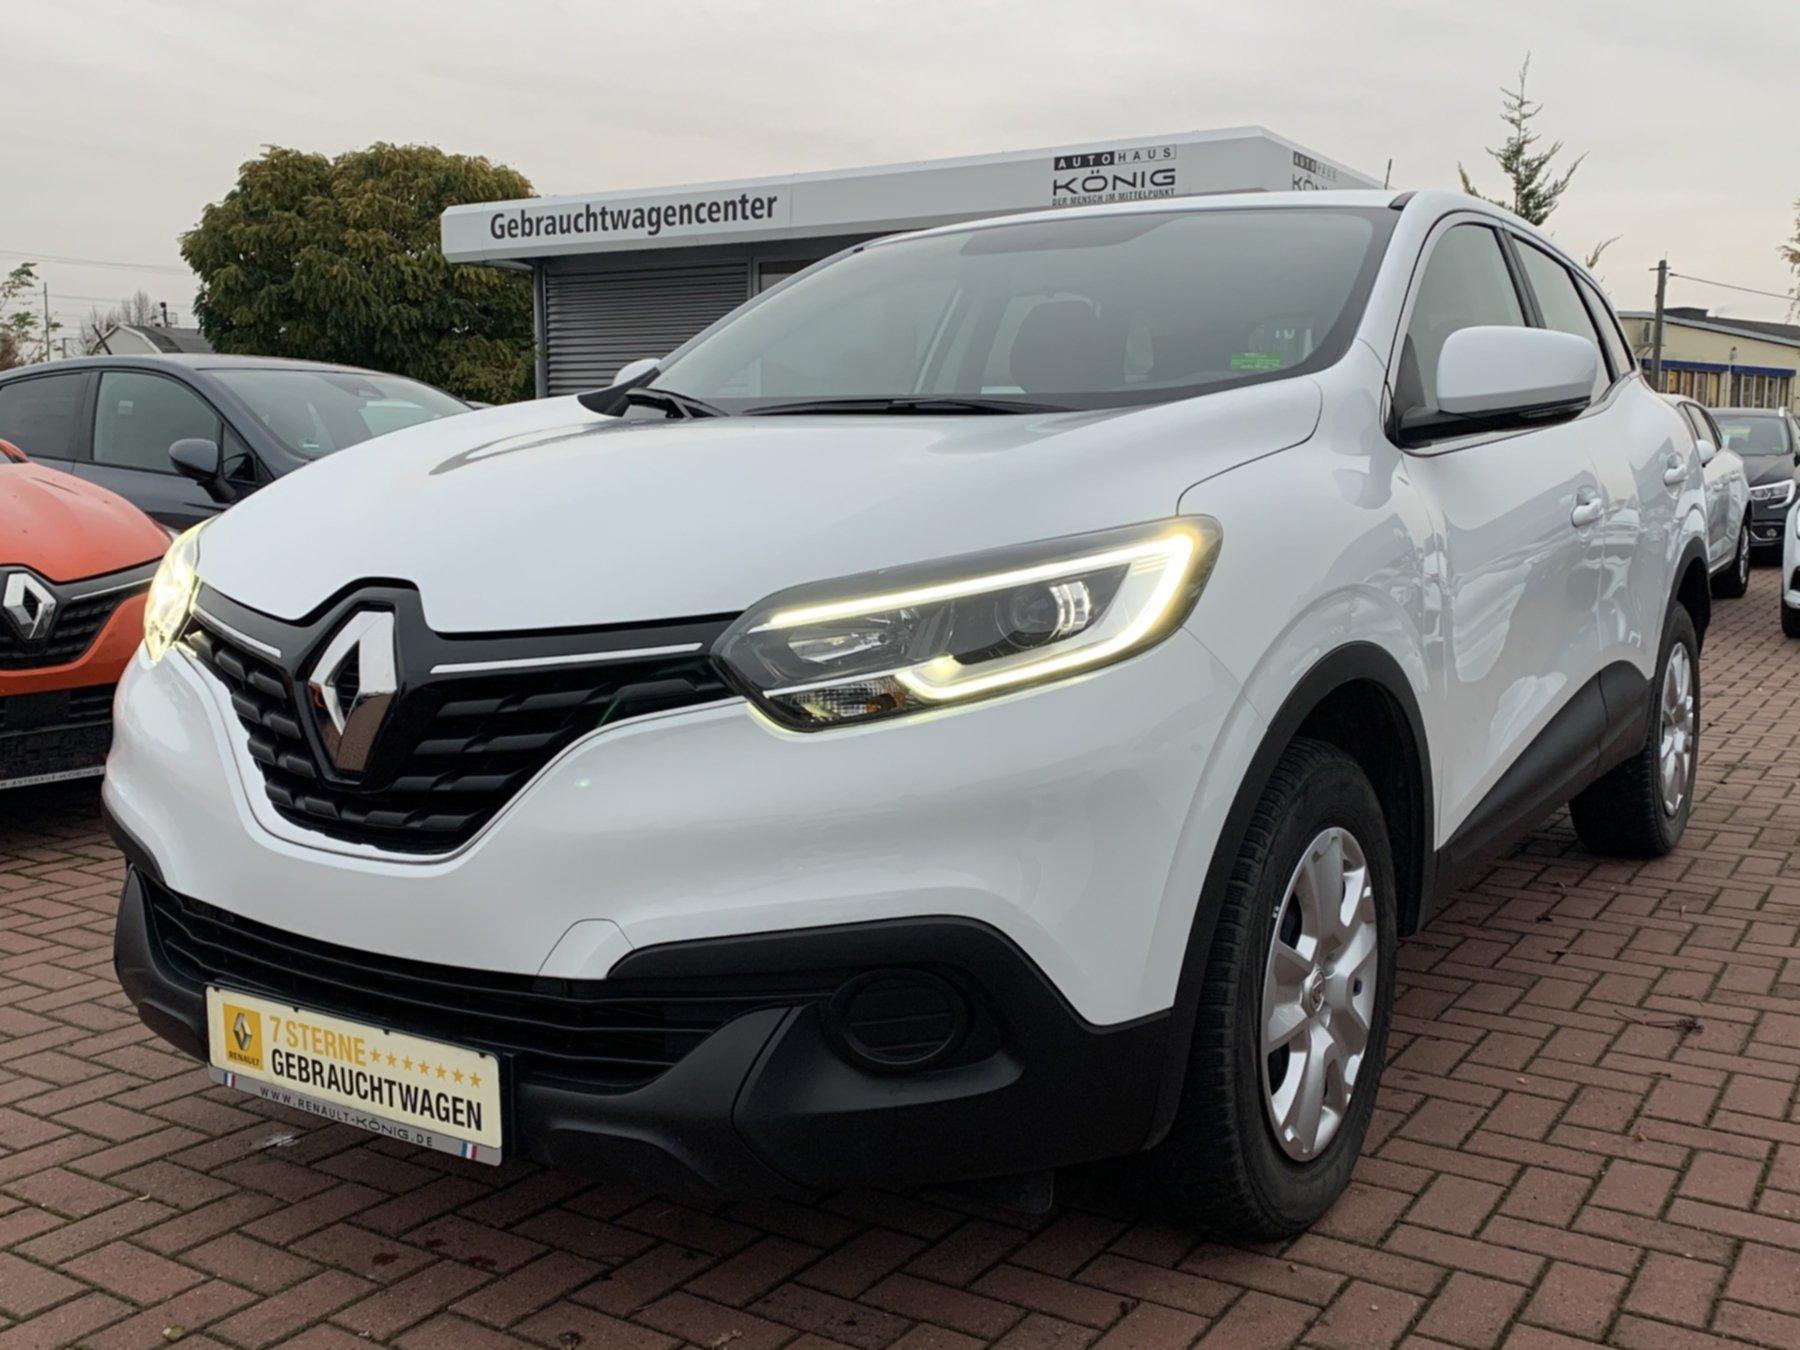 Renault Kadjar 1.3 TCe 140 Life ENERGY Klimaanlage EURO6, Jahr 2018, Benzin